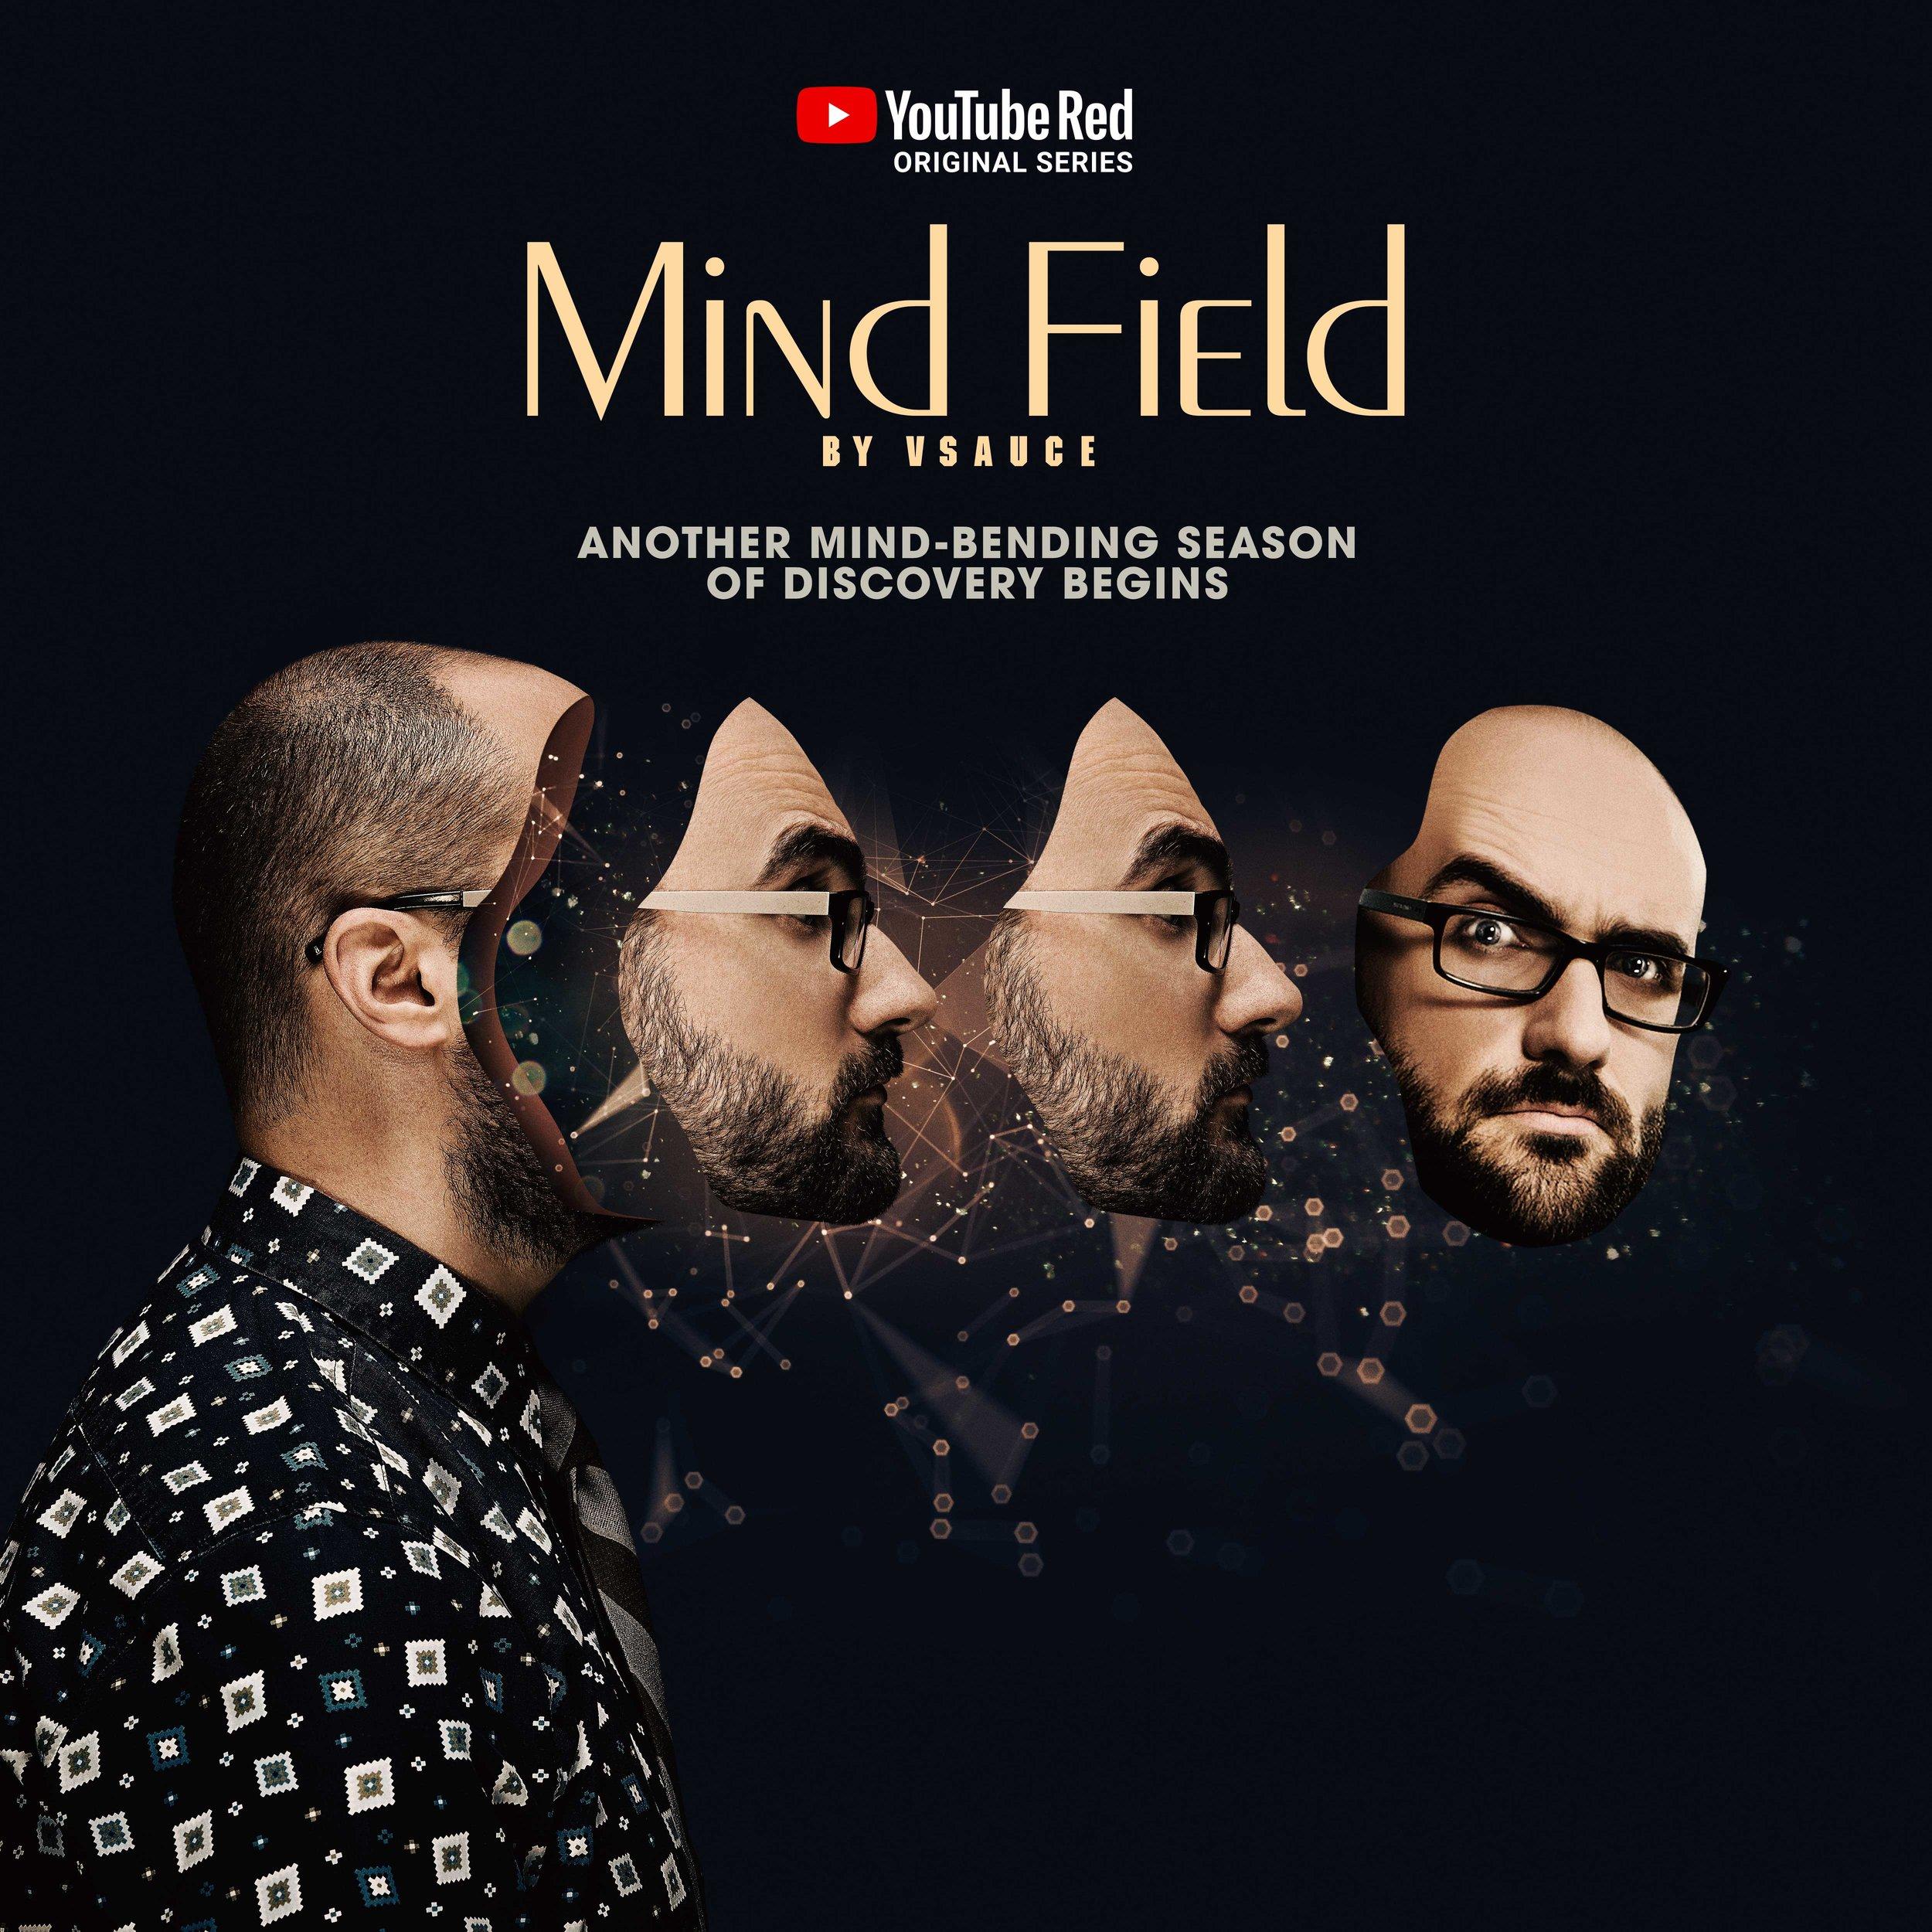 003_ytr_MindFieldS2_Universal_5000x5000_V1.jpg